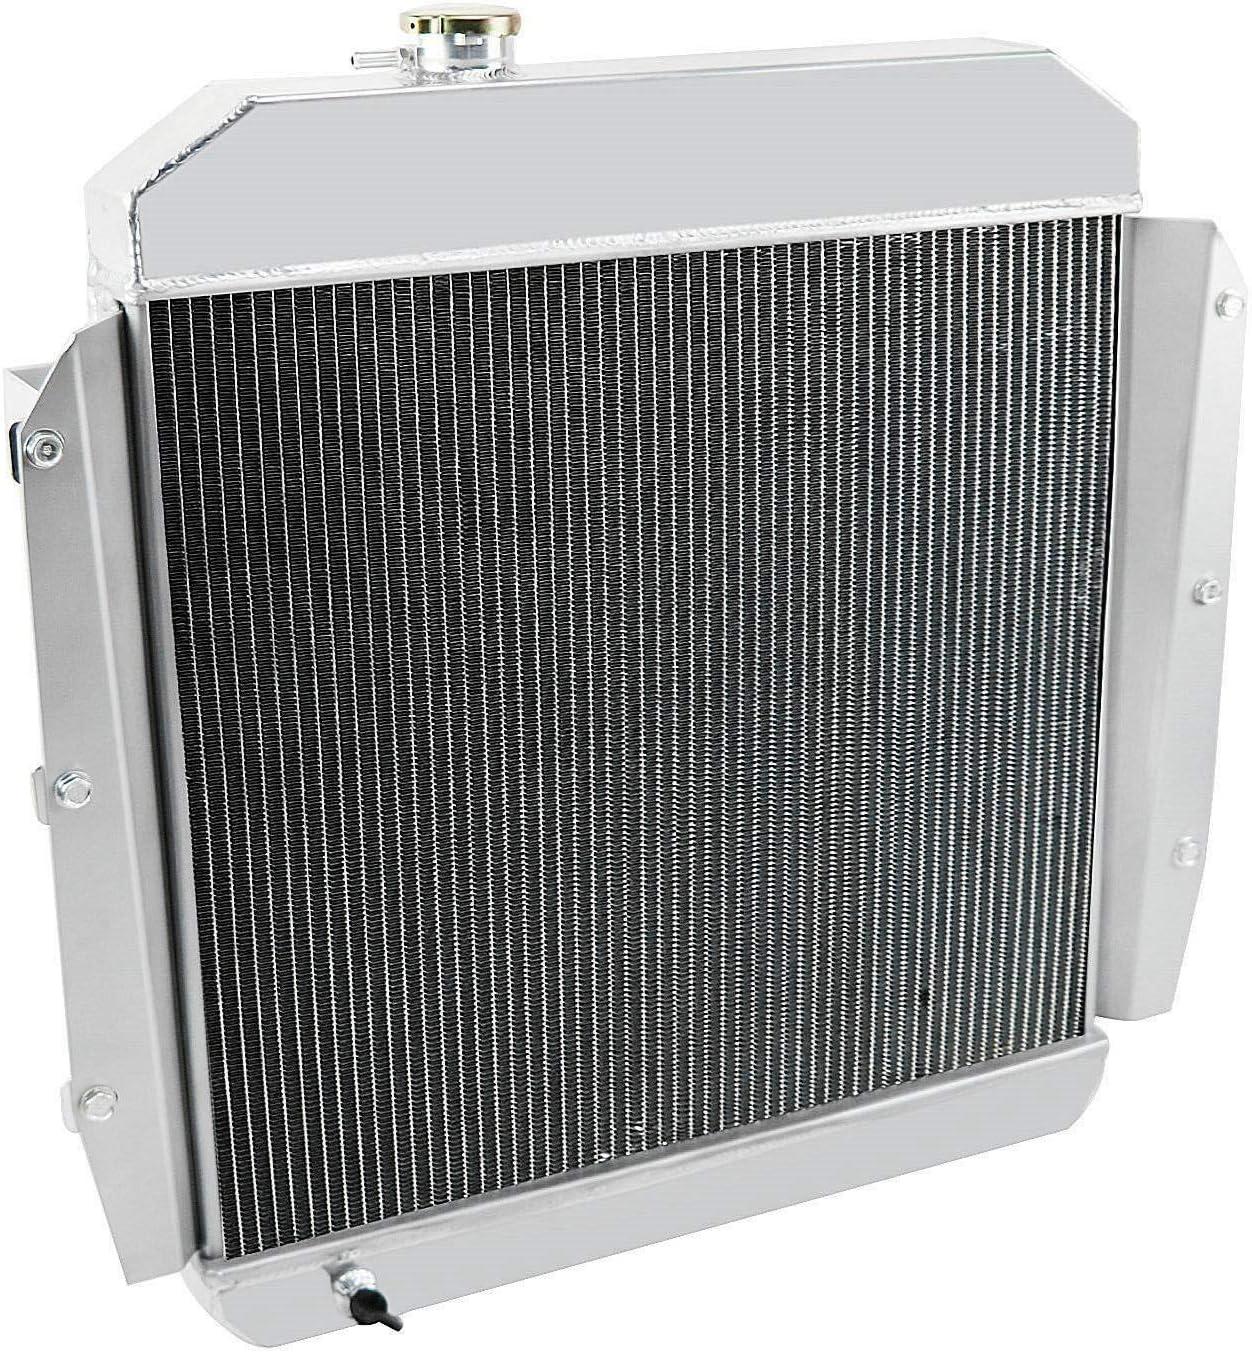 ALLOYWORKS 3 Row All Aluminum Radiator+Shroud Fan+Relay Fit For 1955 1956 1957 1958 1959 chevy GMC Truck Pickup Chevrolet Apache Base L6 V8